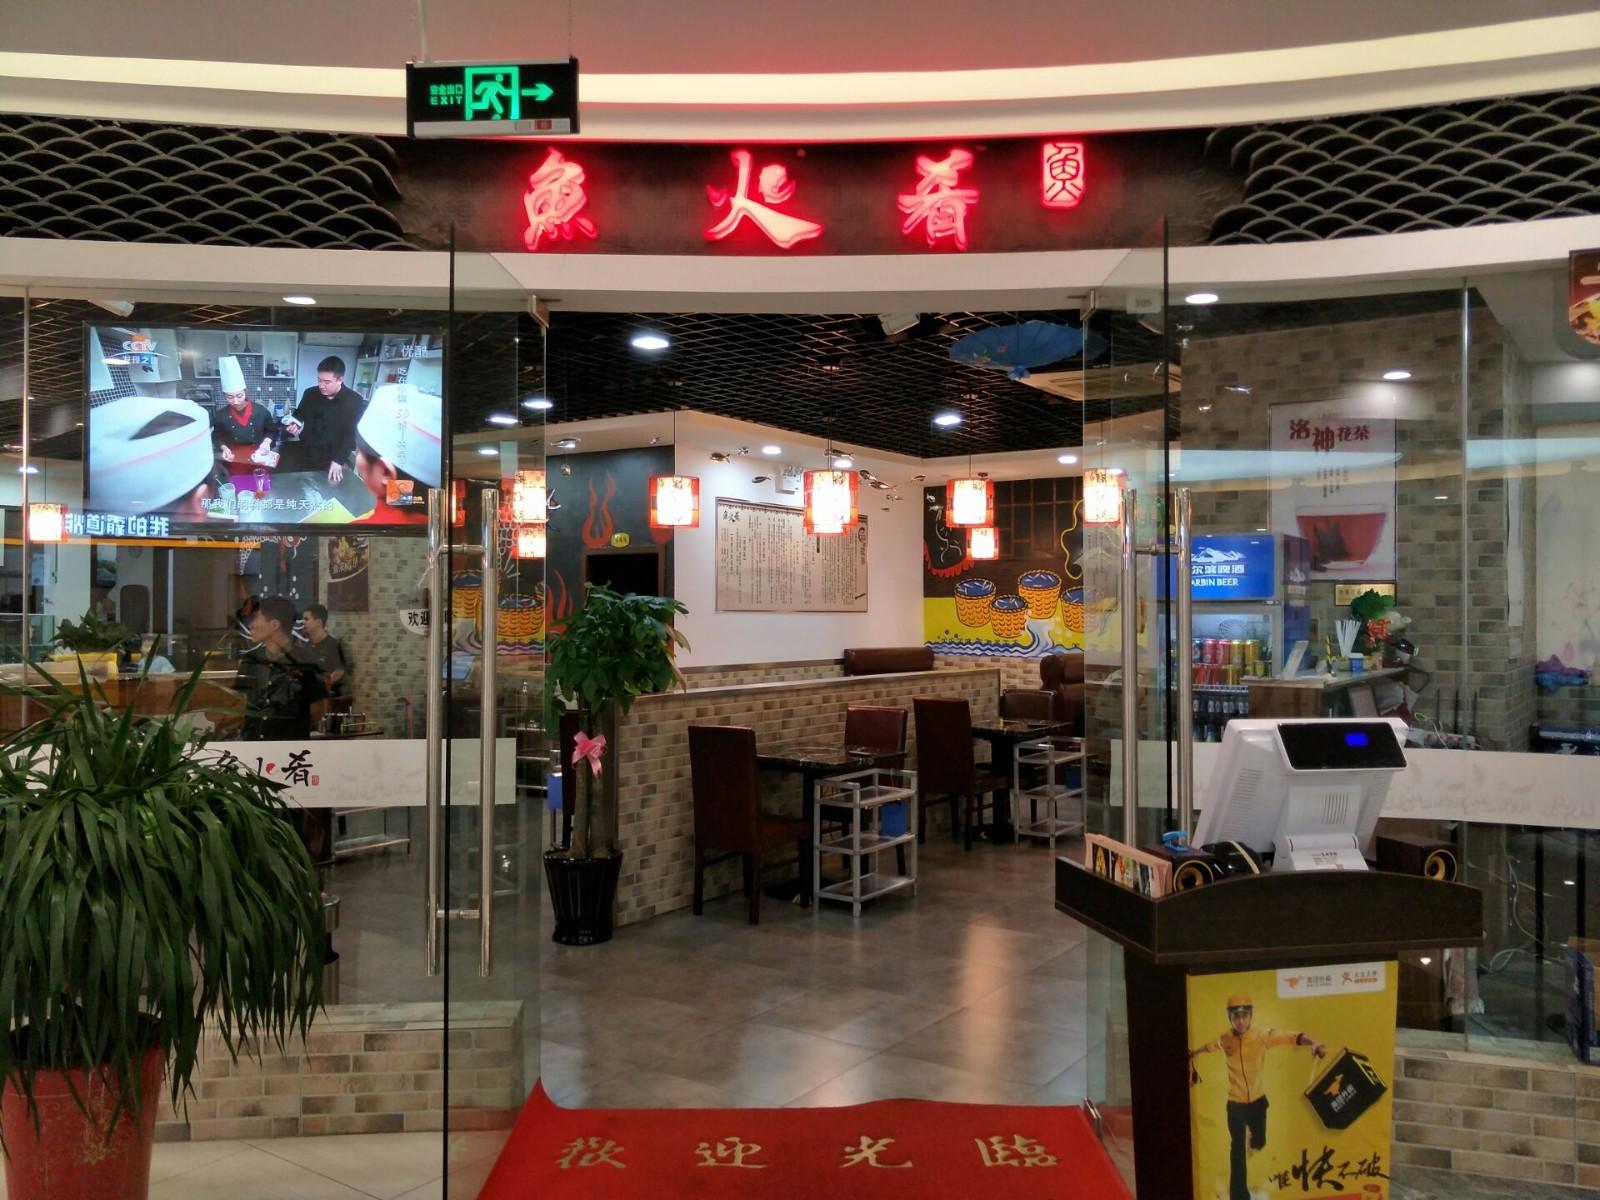 苏州工业园区鲜味坊餐饮店2016最新招聘信息